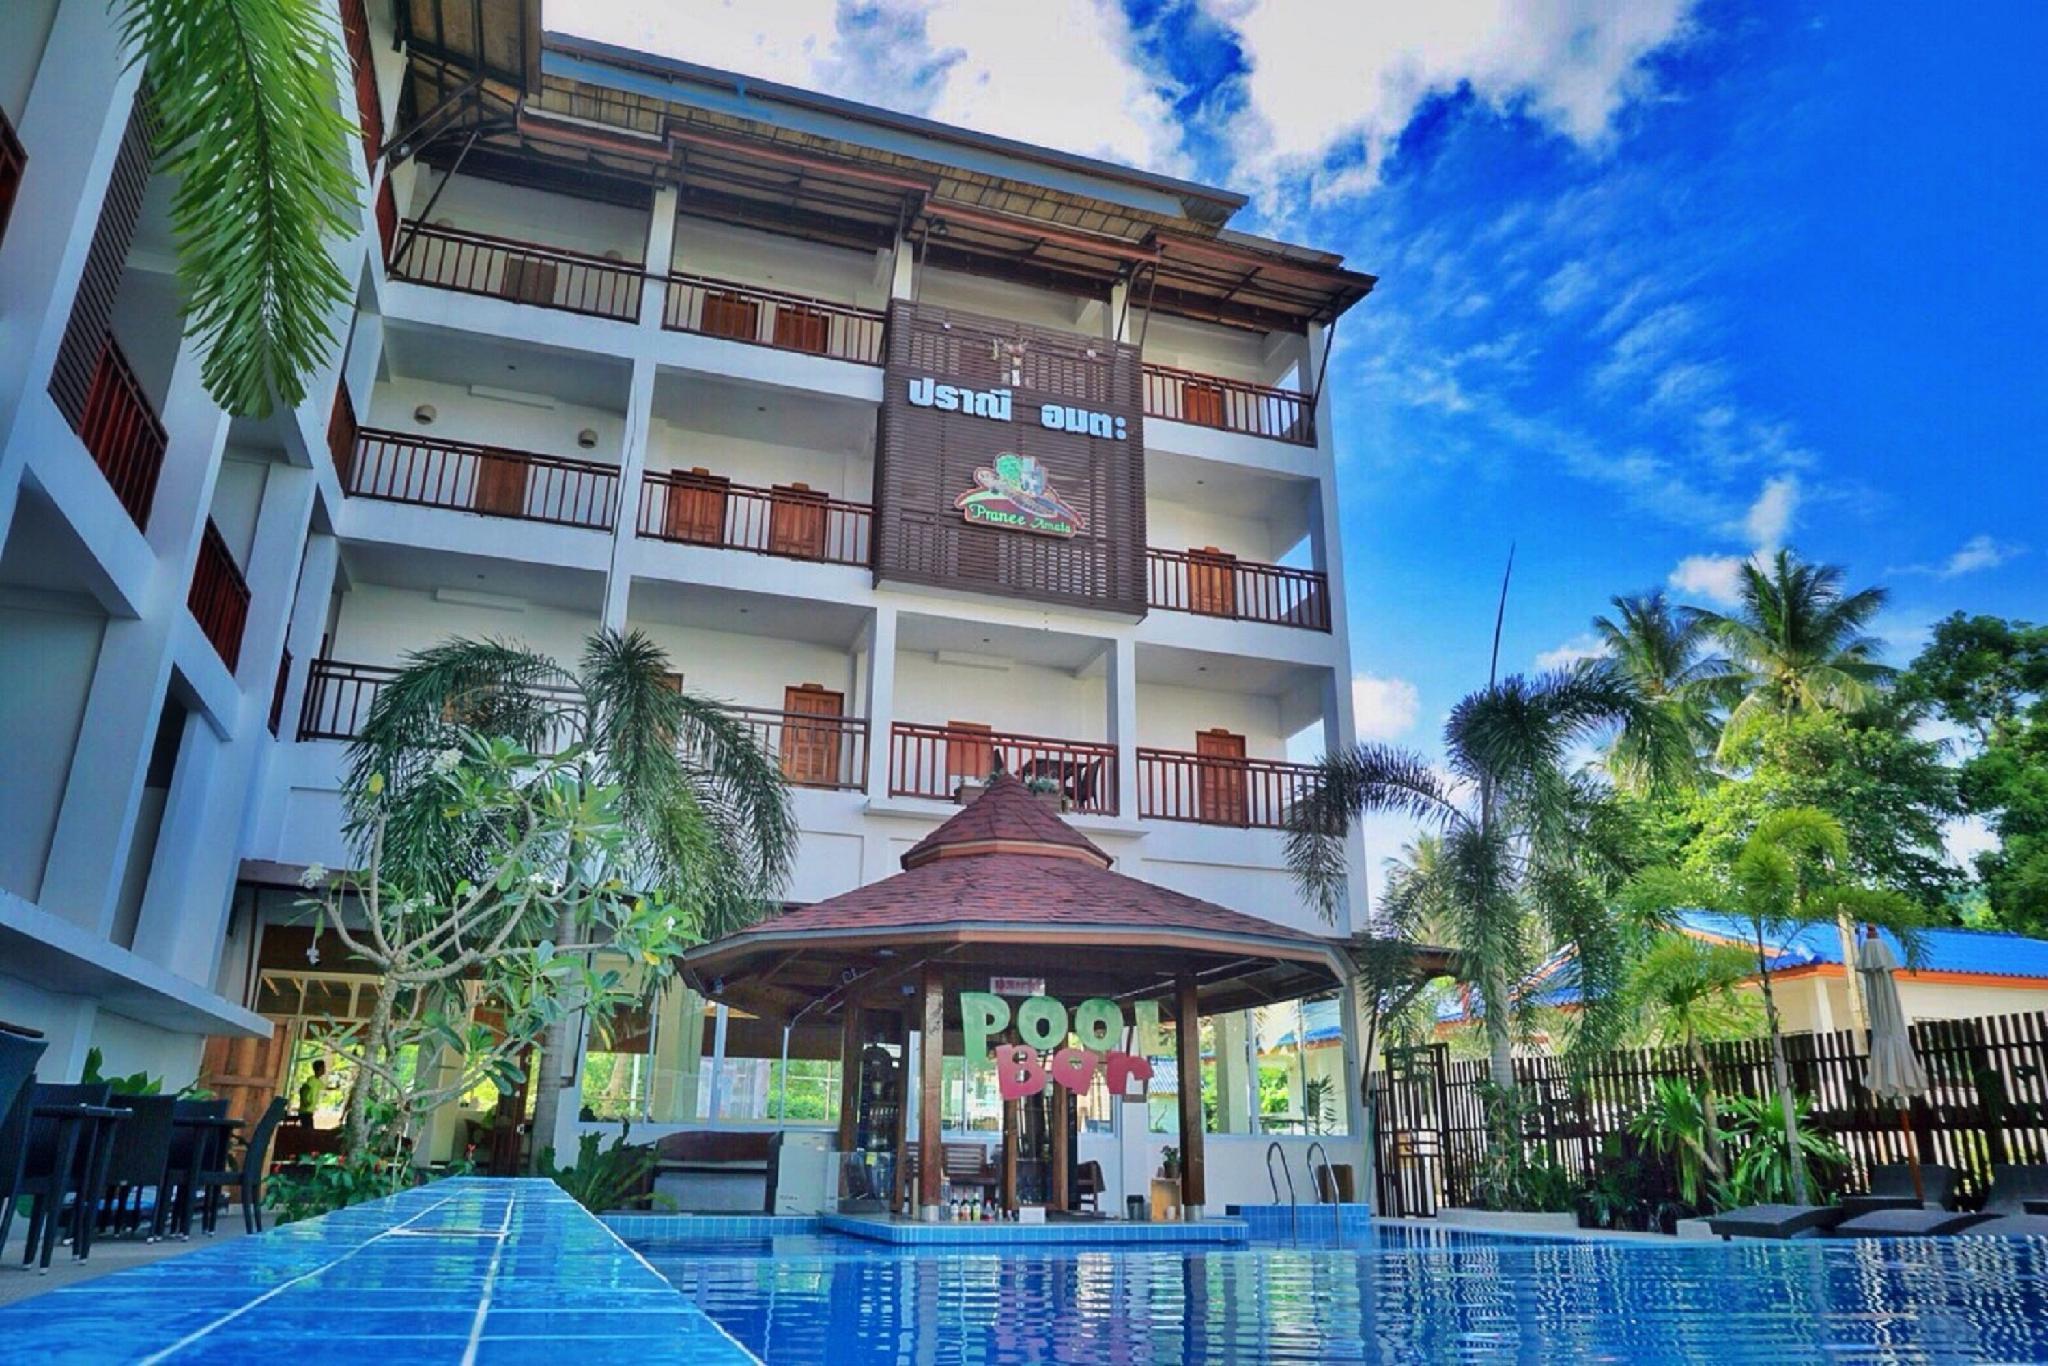 Pranee Amata Hotel โรงแรมปราณี อมตะ